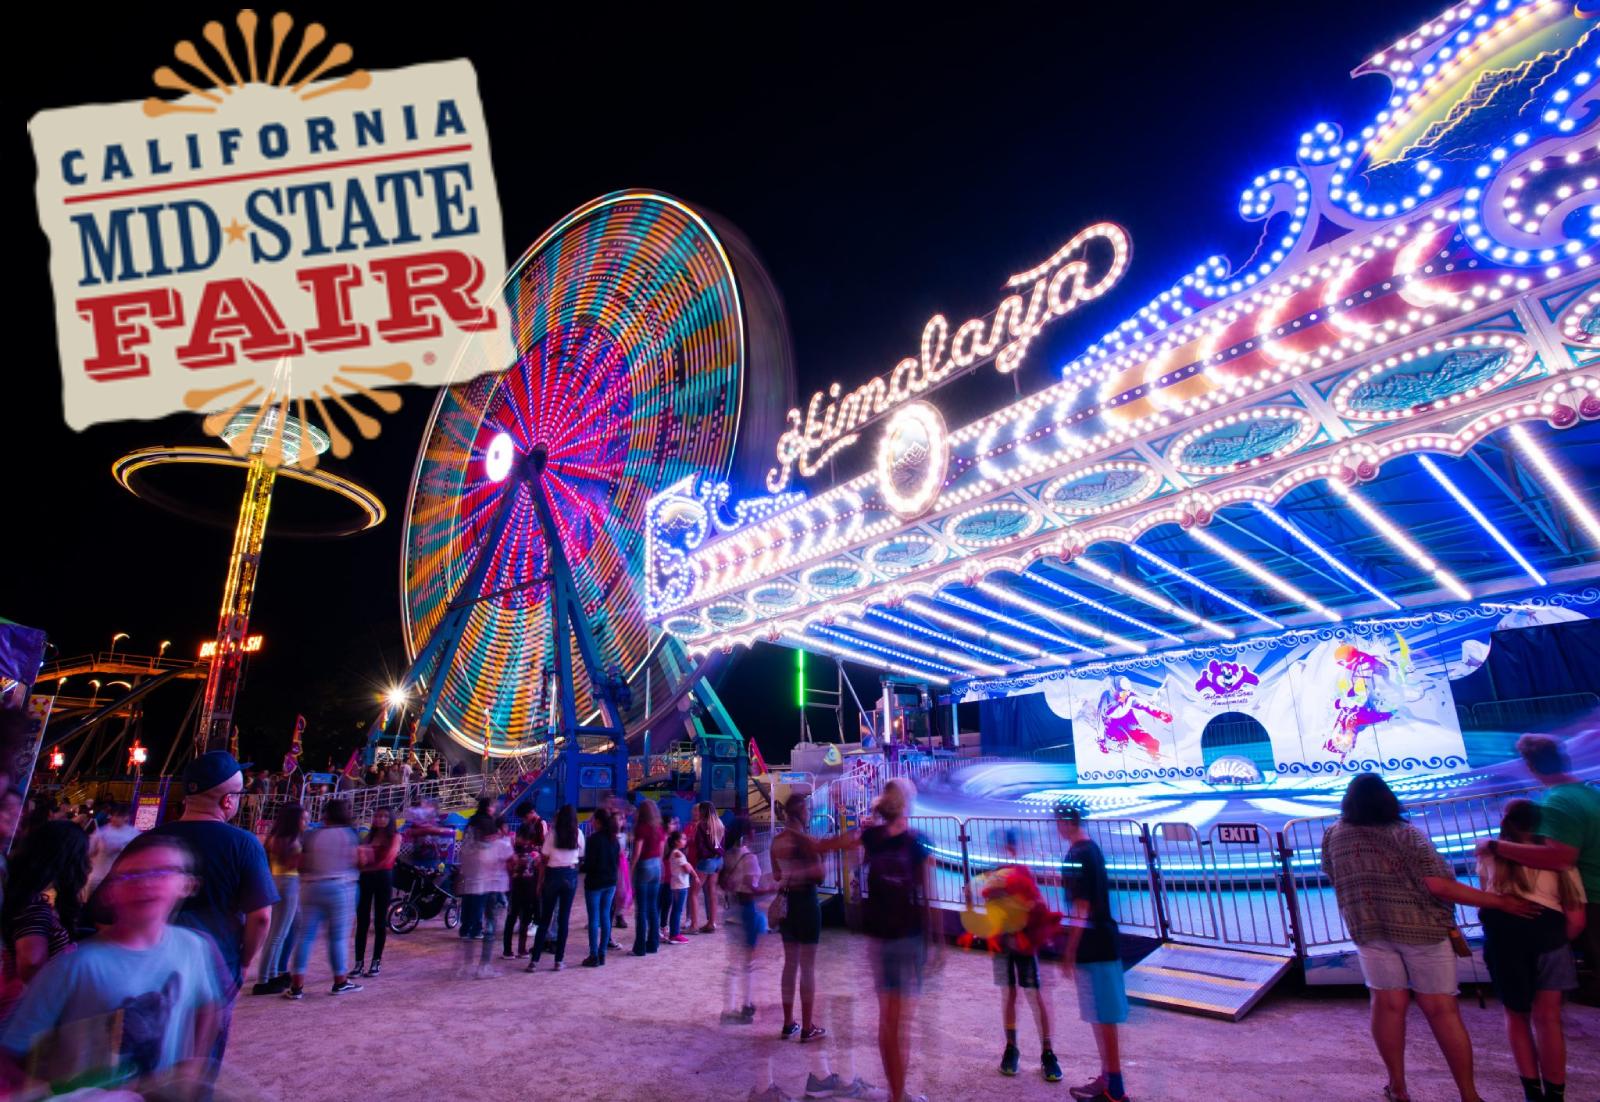 The California Mid-State Fair